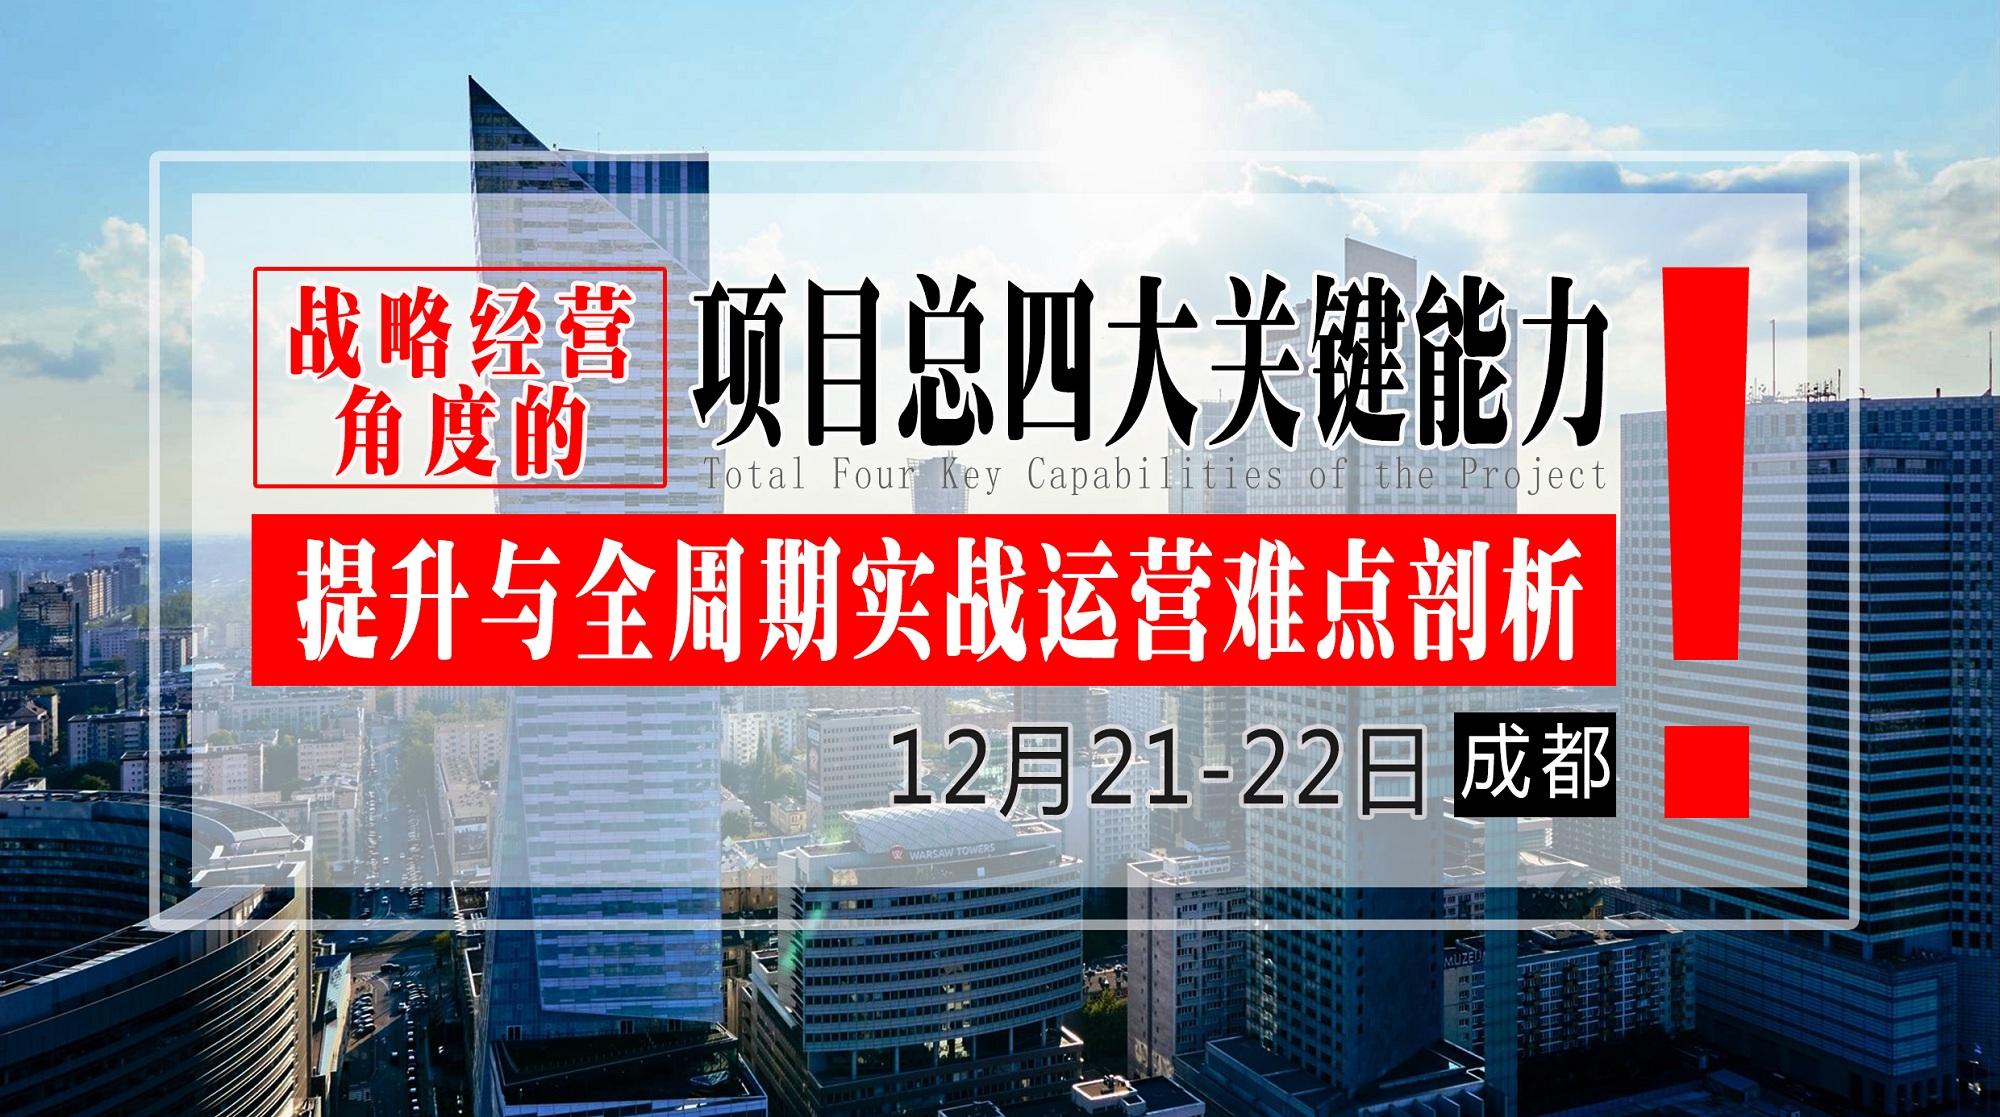 12月21-22日【成都】《战略经营角度的项目总四大关键能力提升与全周期实战运营难点剖析》